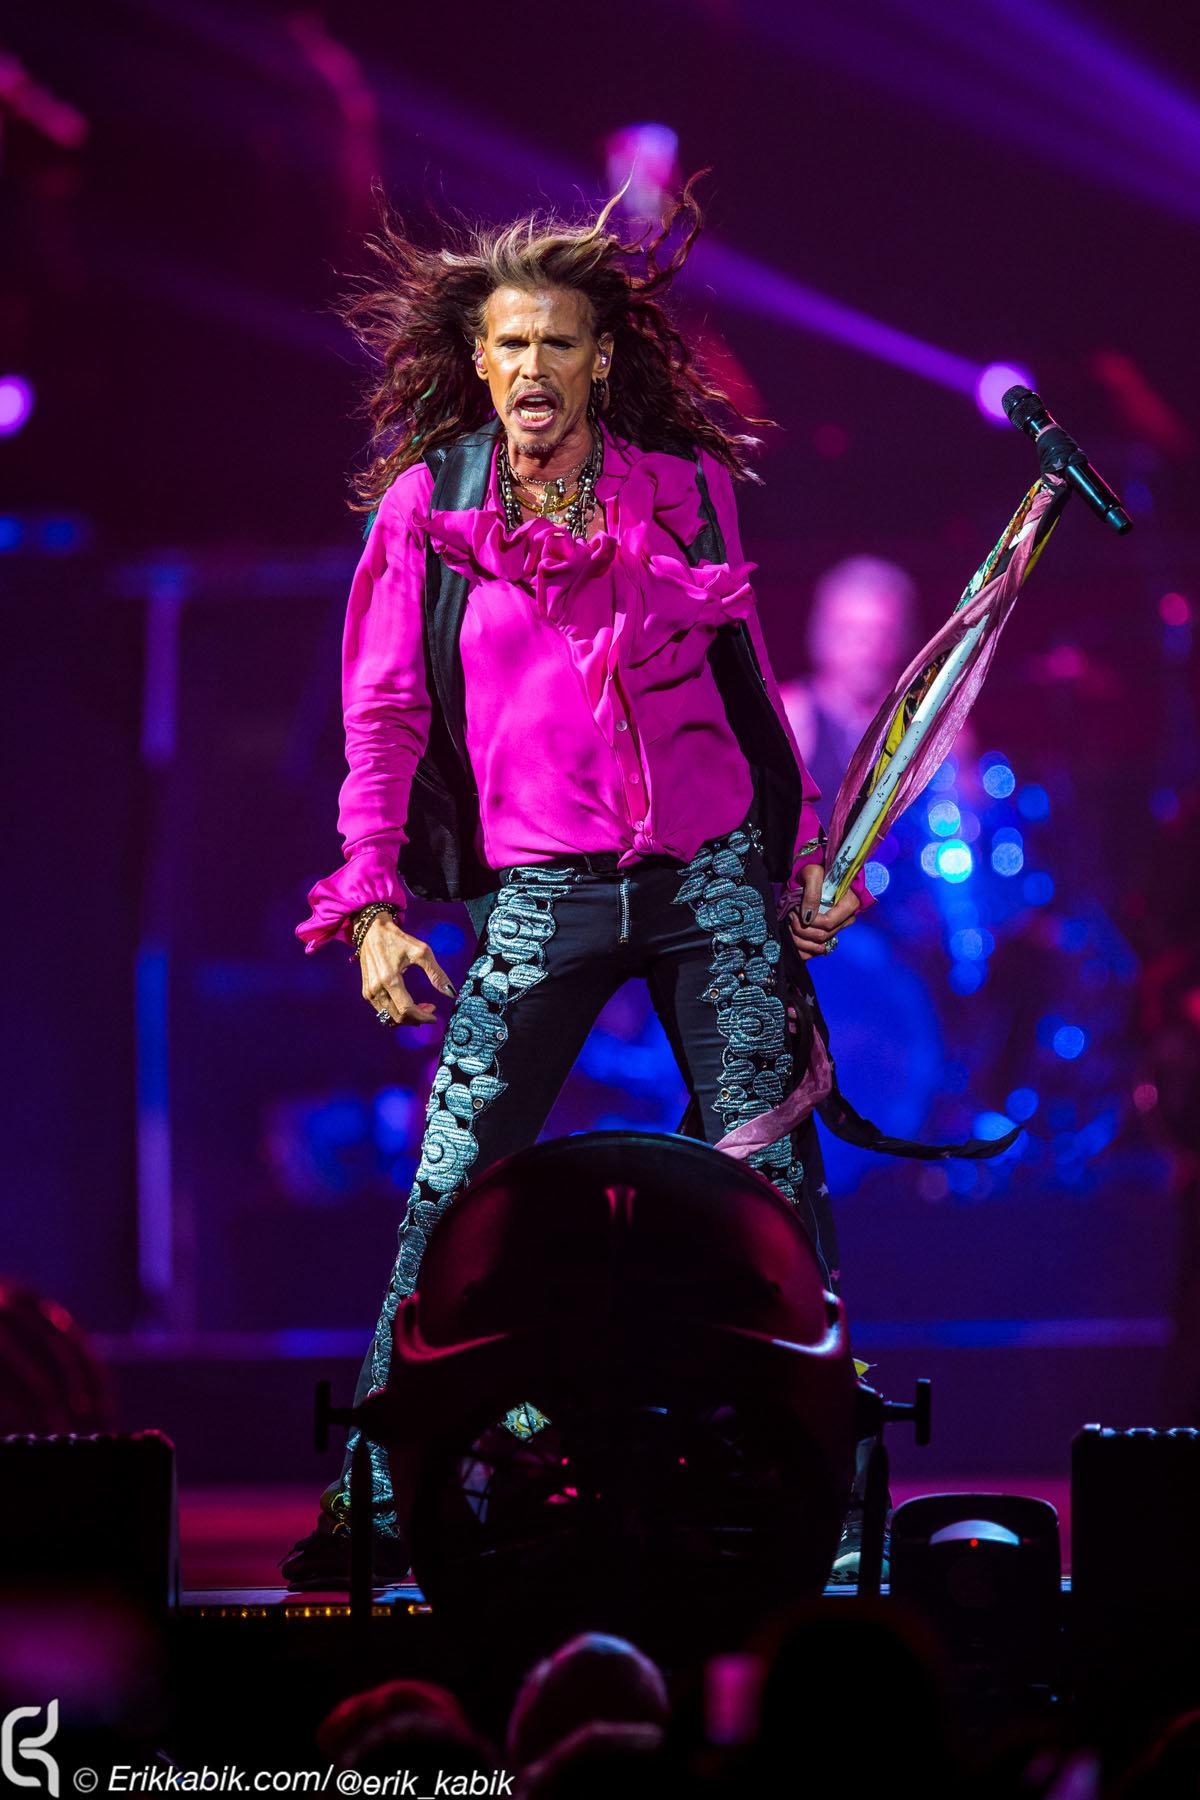 08_01_15_Aerosmith_MGM_kabik-152.jpg